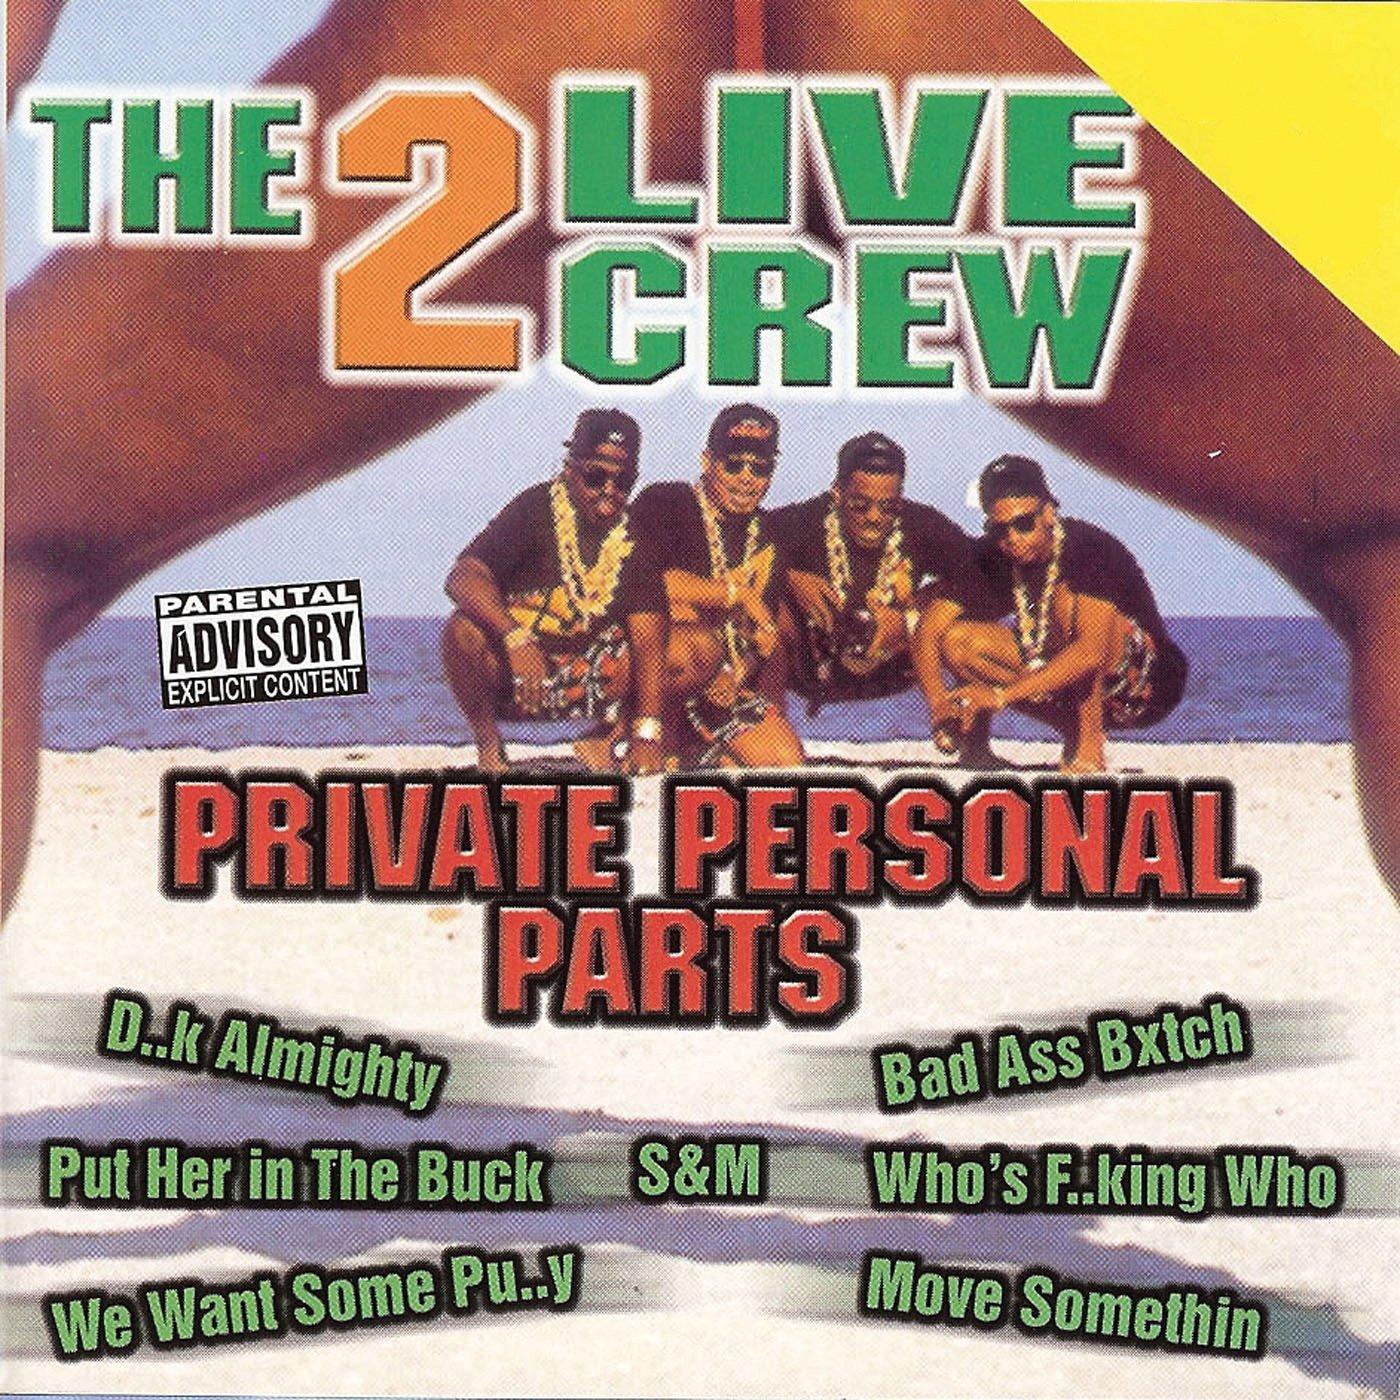 Private Personal